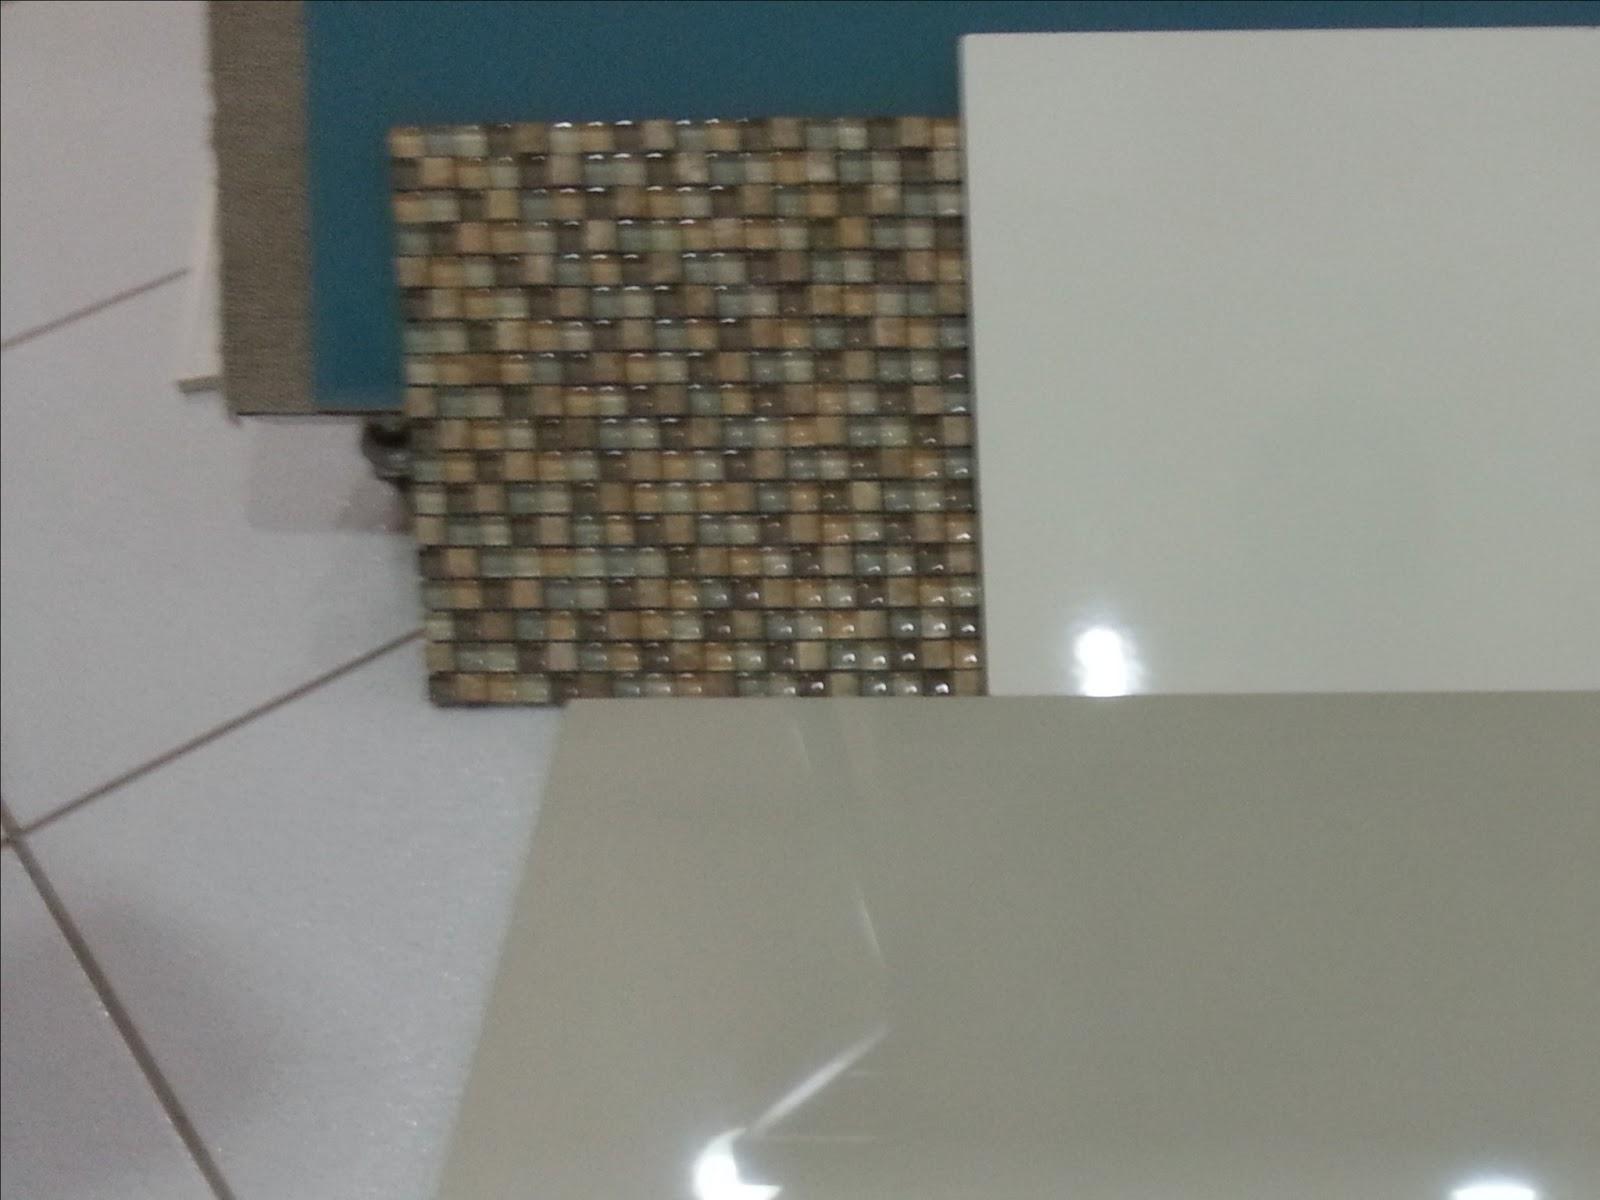 Acabamento banheiro infantil 2 Casa da Franci e Thiago #2C4A56 1600x1200 Acabamento Piso Banheiro